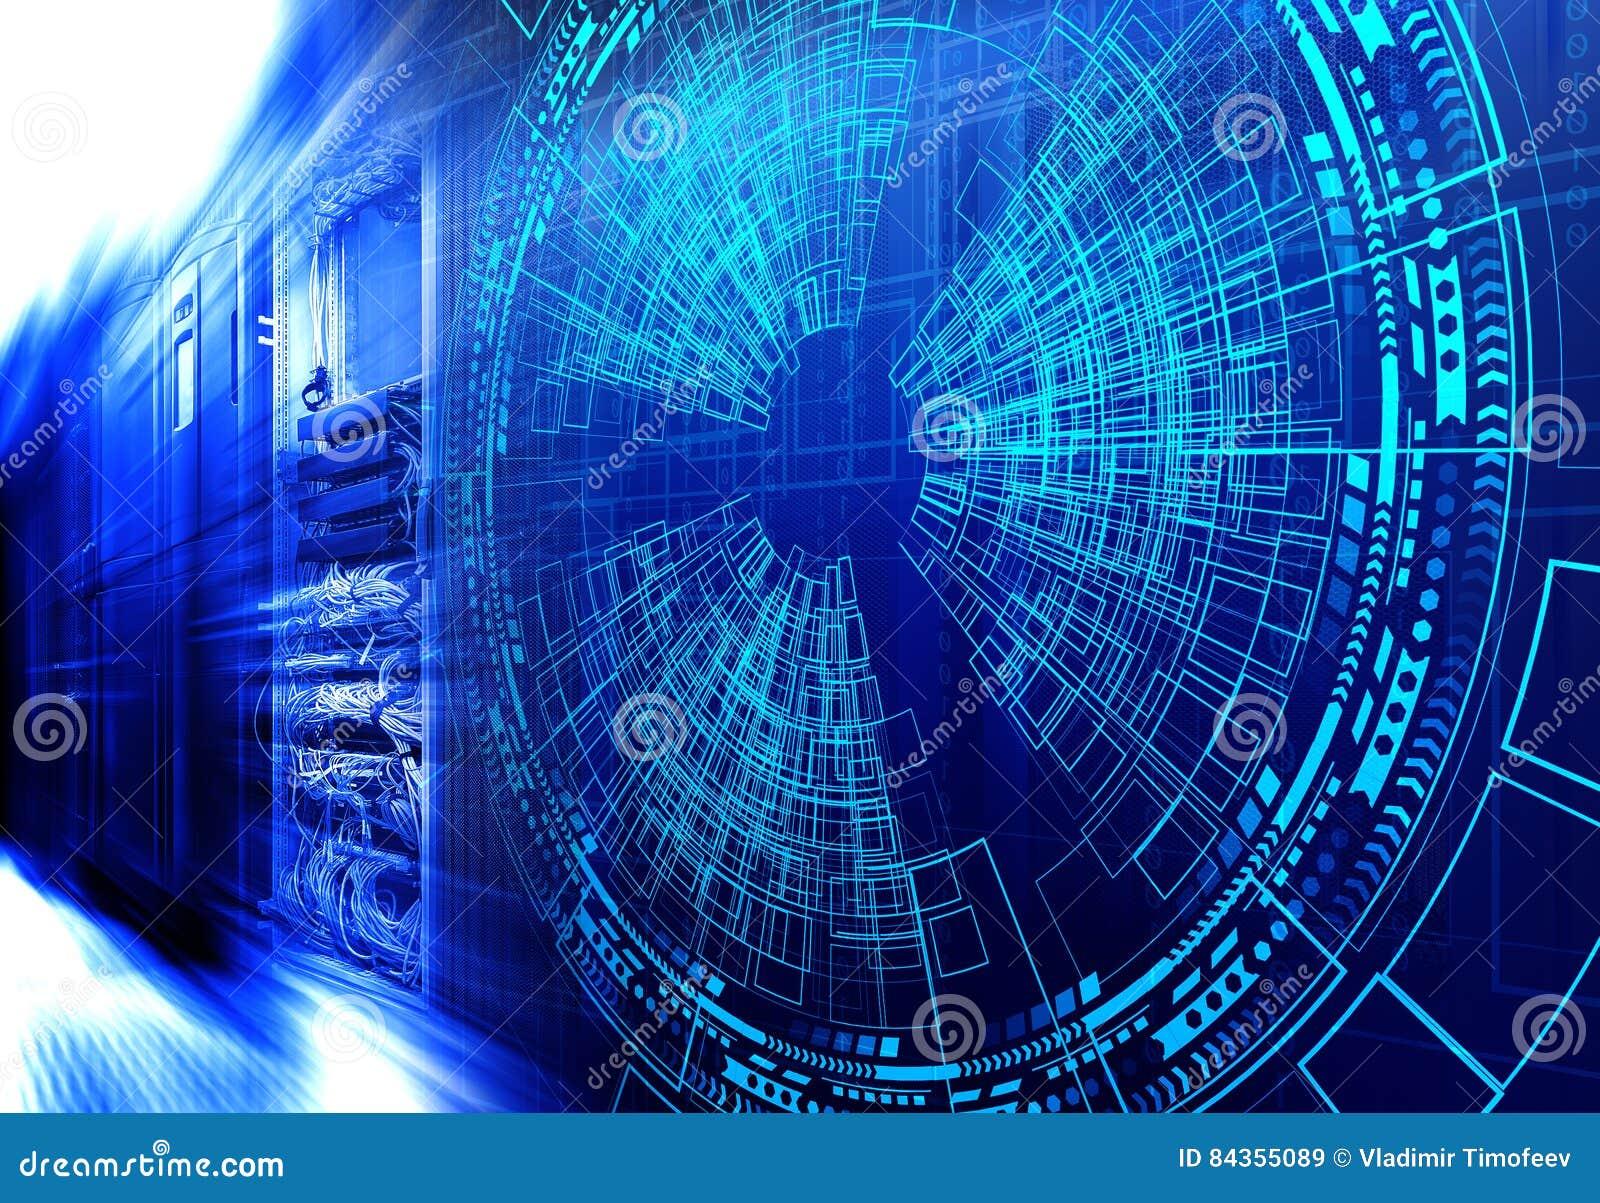 modern web network and internet telecommunication